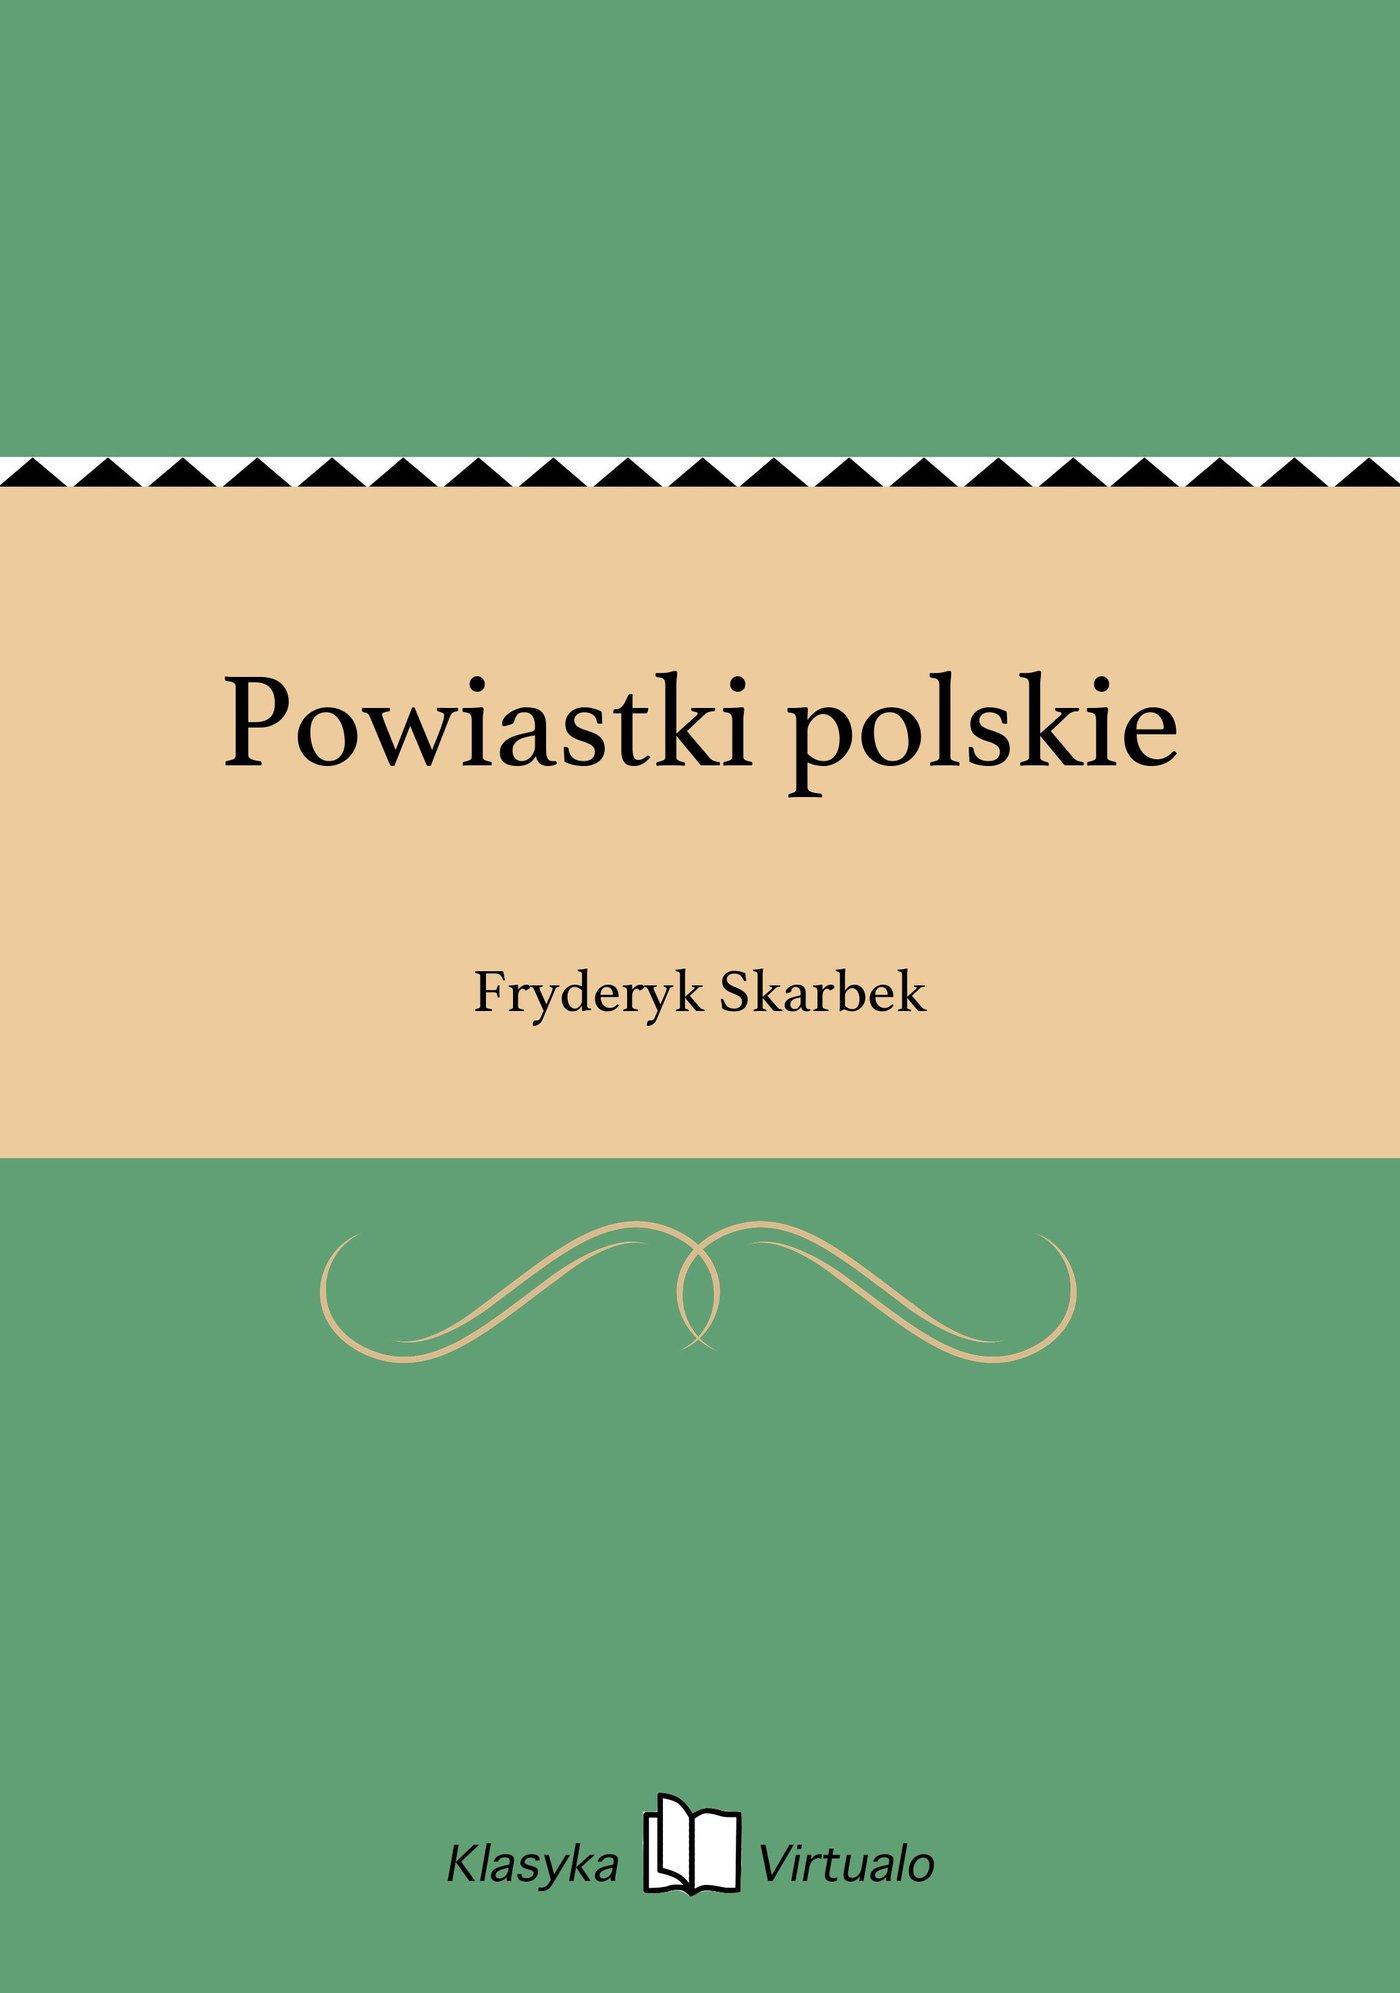 Powiastki polskie - Ebook (Książka EPUB) do pobrania w formacie EPUB